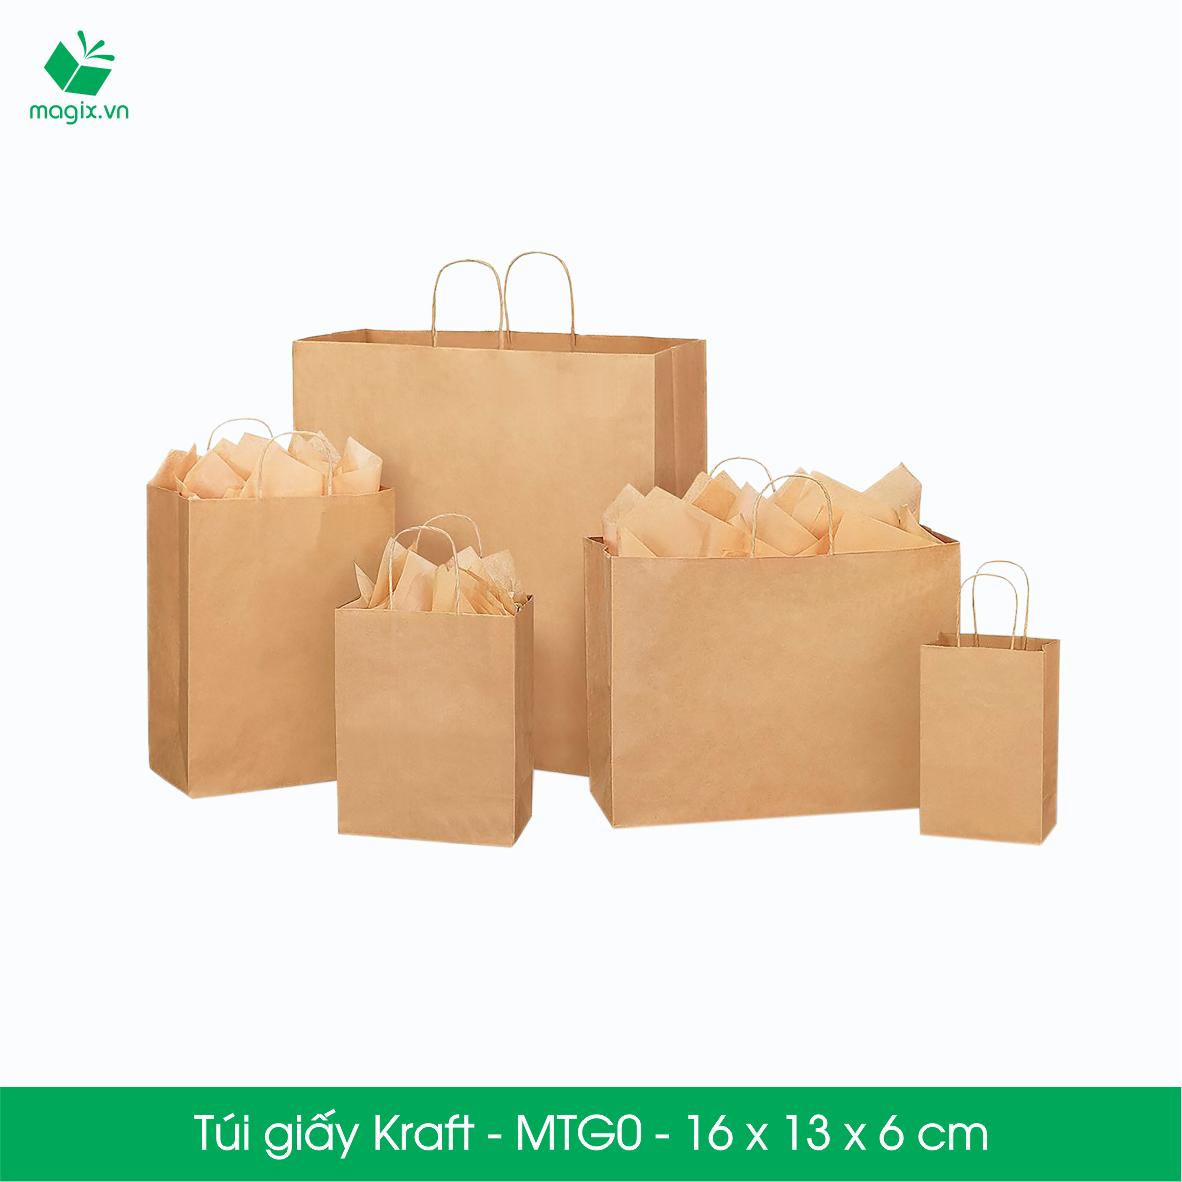 Bao bì giấy có giá thành rẻ mà còn thân thiện với môi trường